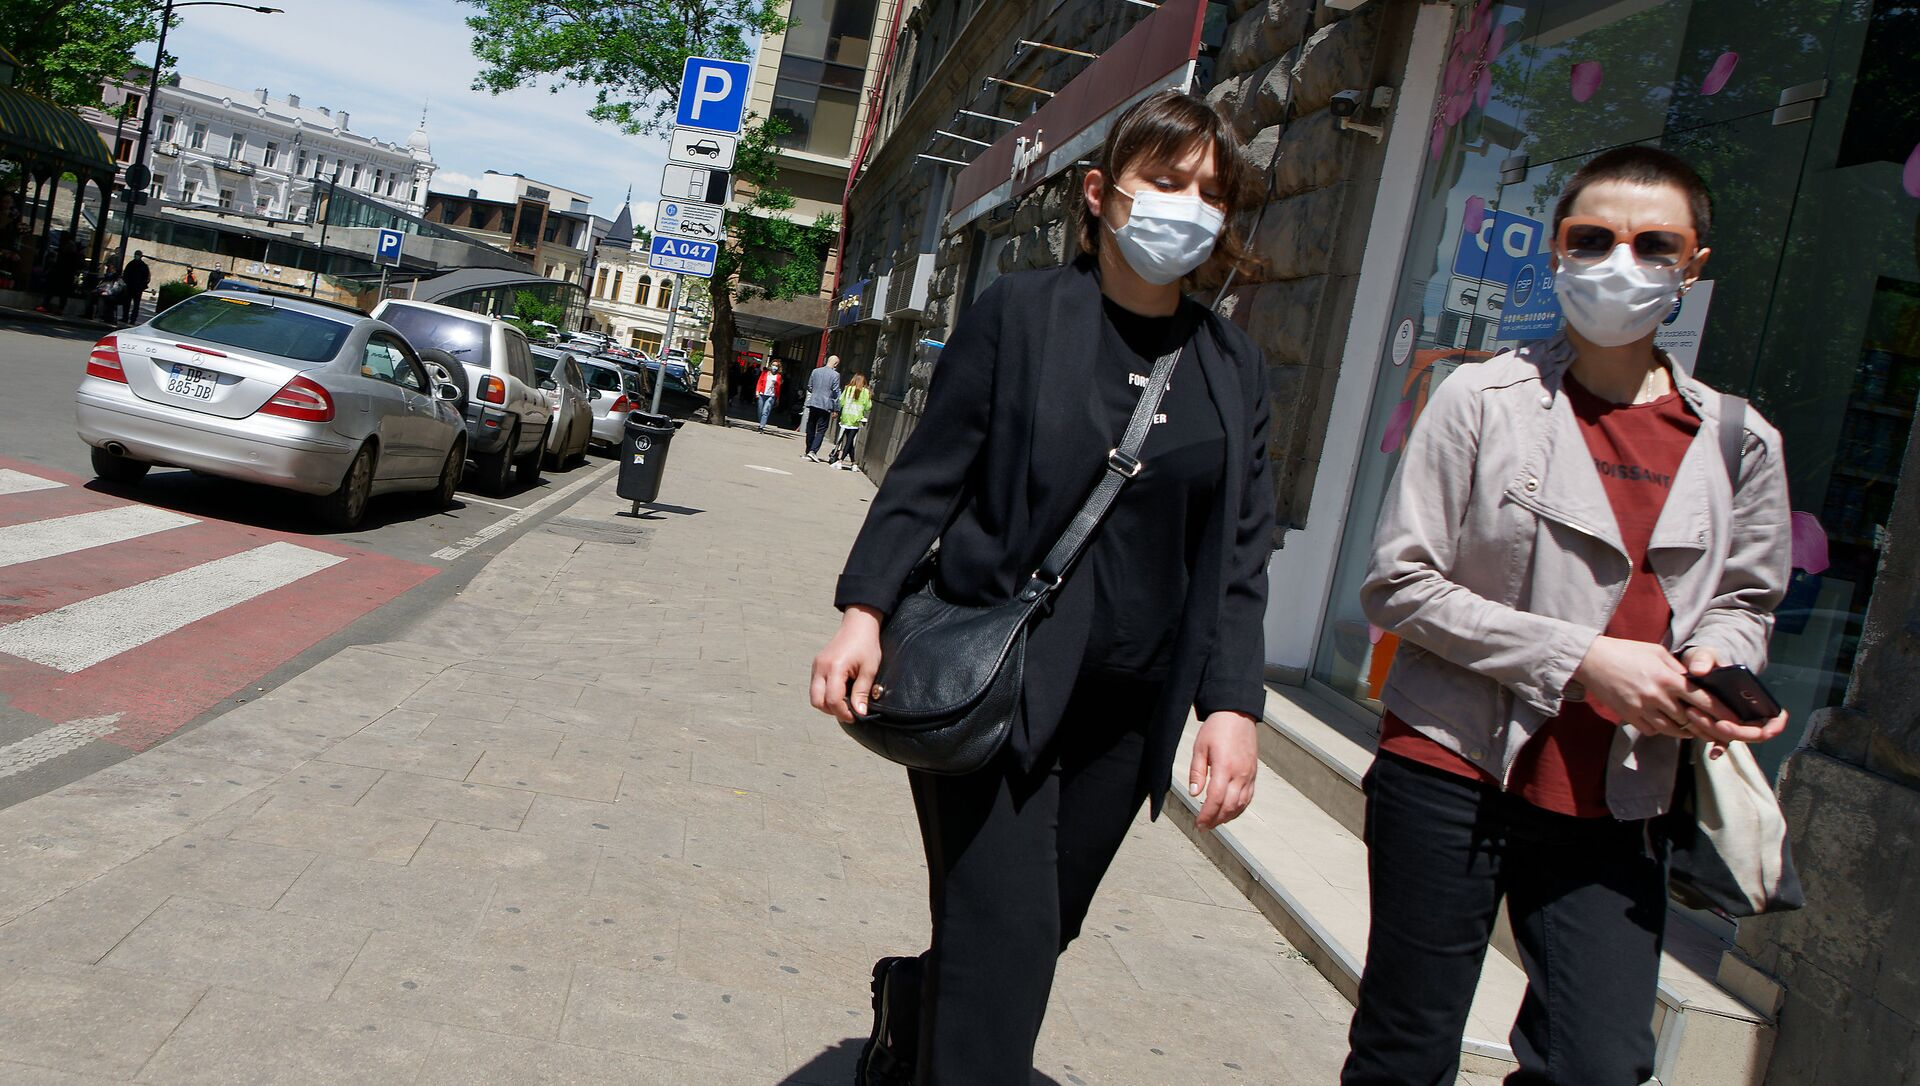 Эпидемия коронавируса - прохожие на улице в масках - Sputnik Грузия, 1920, 19.06.2021